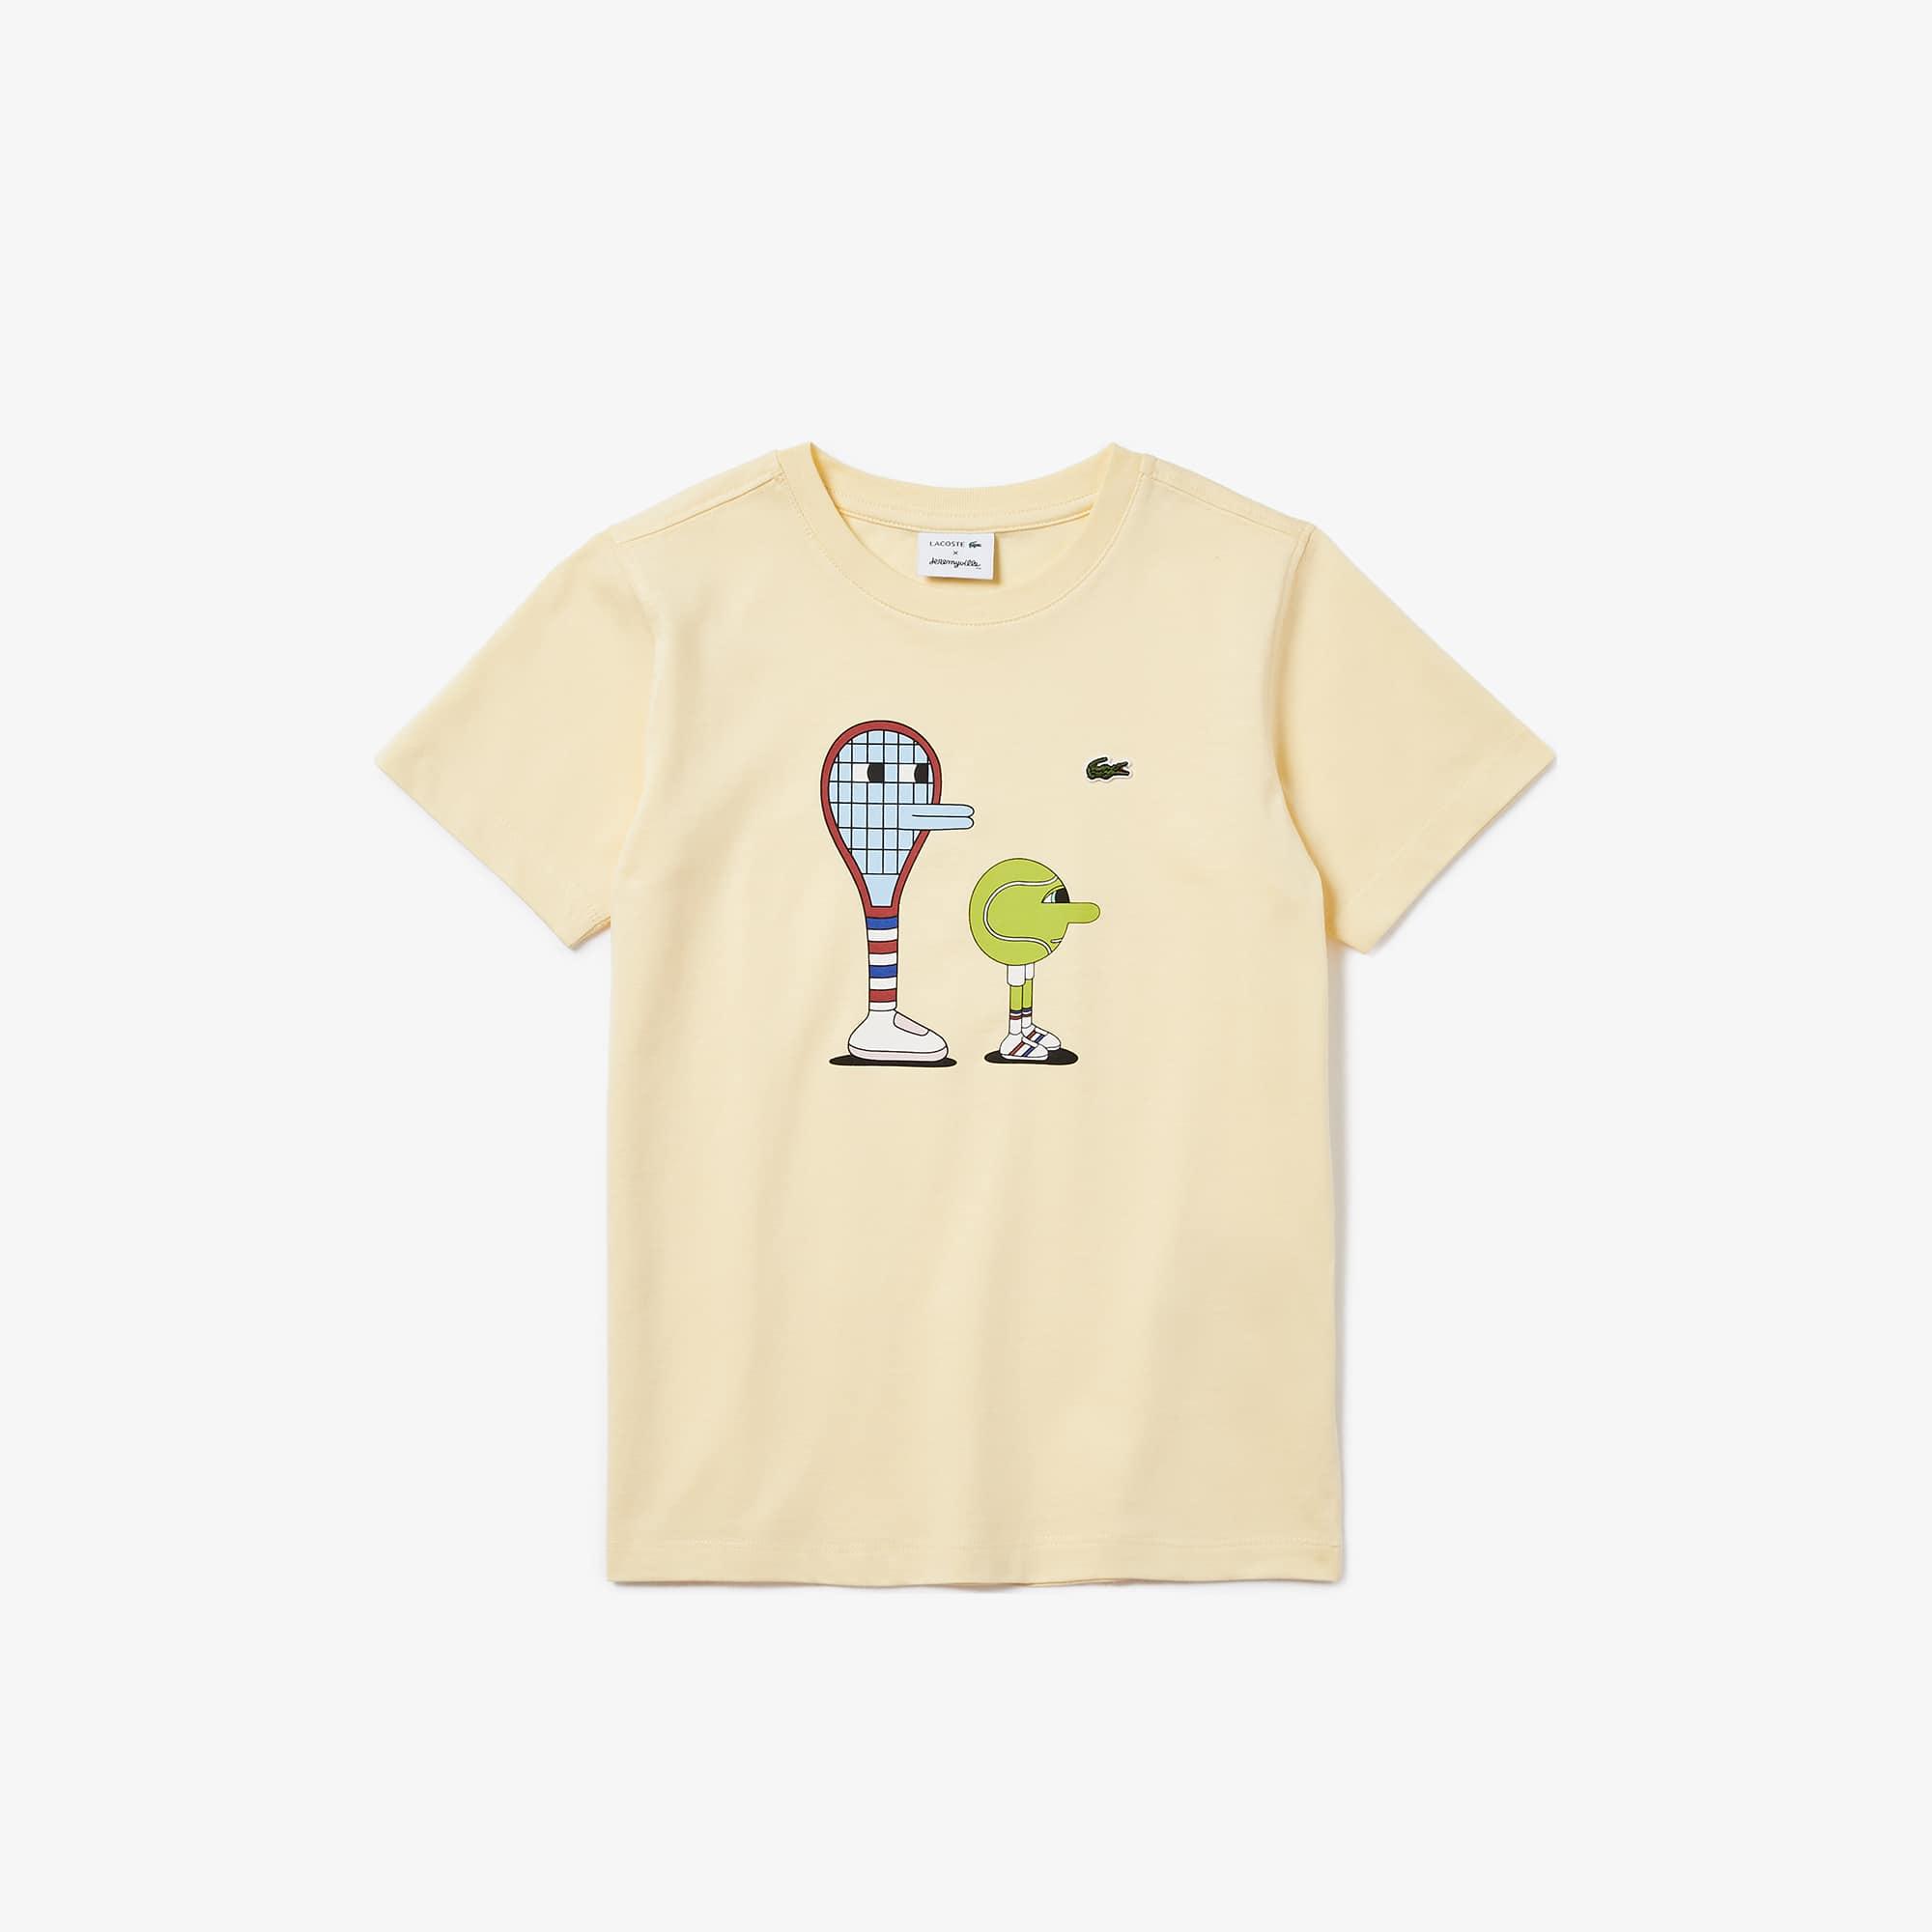 라코스테 x 제레미빌 콜라보 반팔티 (남아용) Lacoste x Jeremyville Graphic Crew Neck Cotton T-shirt,Yellow - YZJ